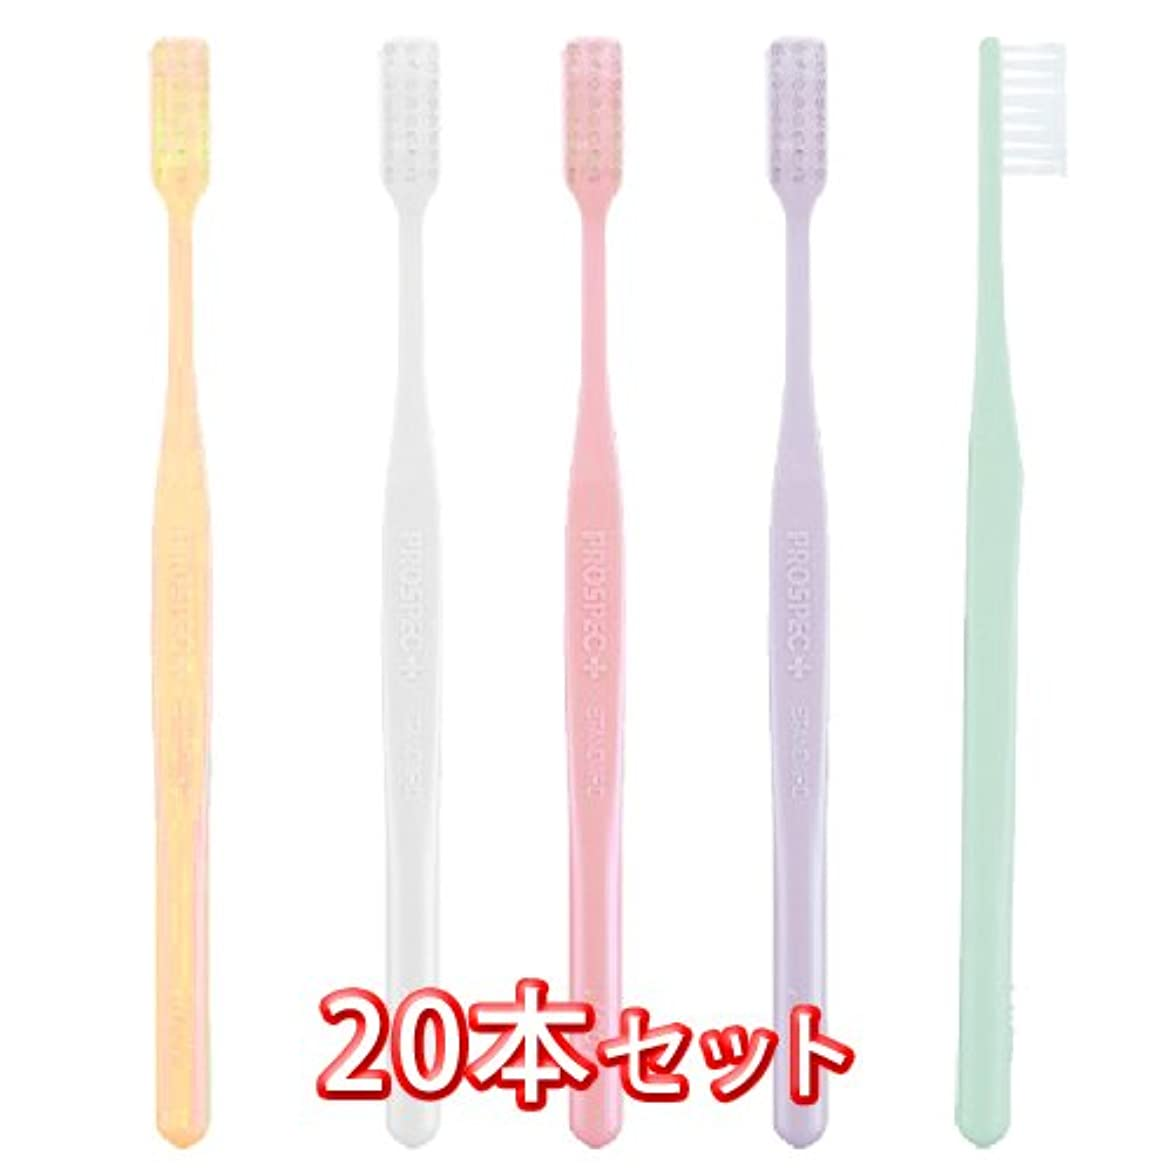 プロスペック 歯ブラシ プラススタンダード 20本入 S やわらかめ